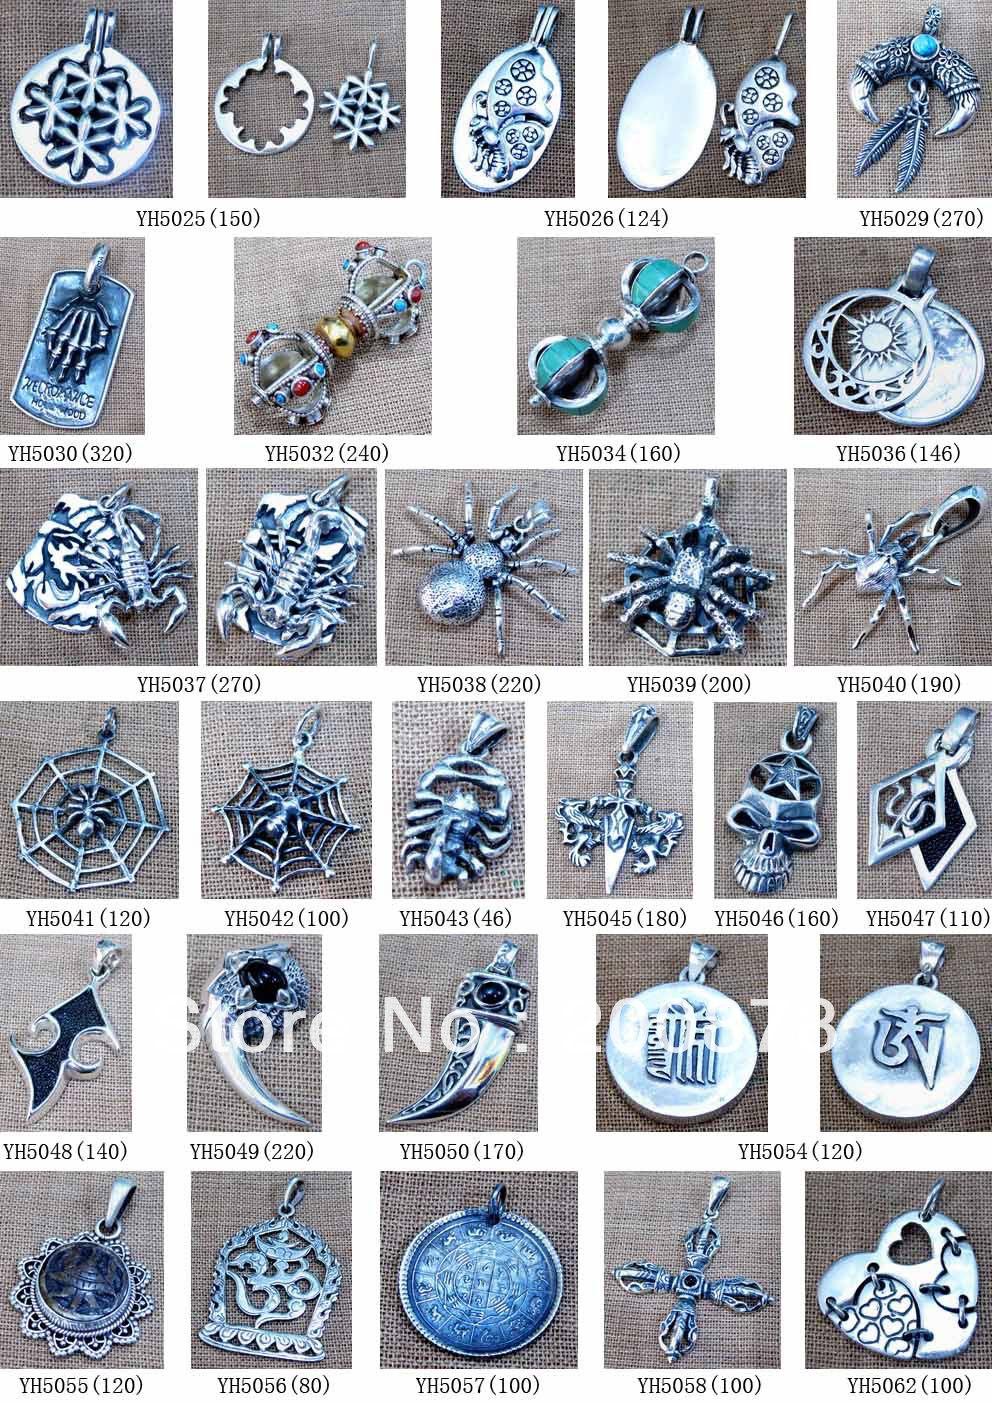 Здесь можно купить  MW-19 Wholesale Nepal Handmade 925 Sterling Silver Vintage Charms,Tibetan Buddhist Amulet Pendants,20pcs lot,Free ship  Ювелирные изделия и часы